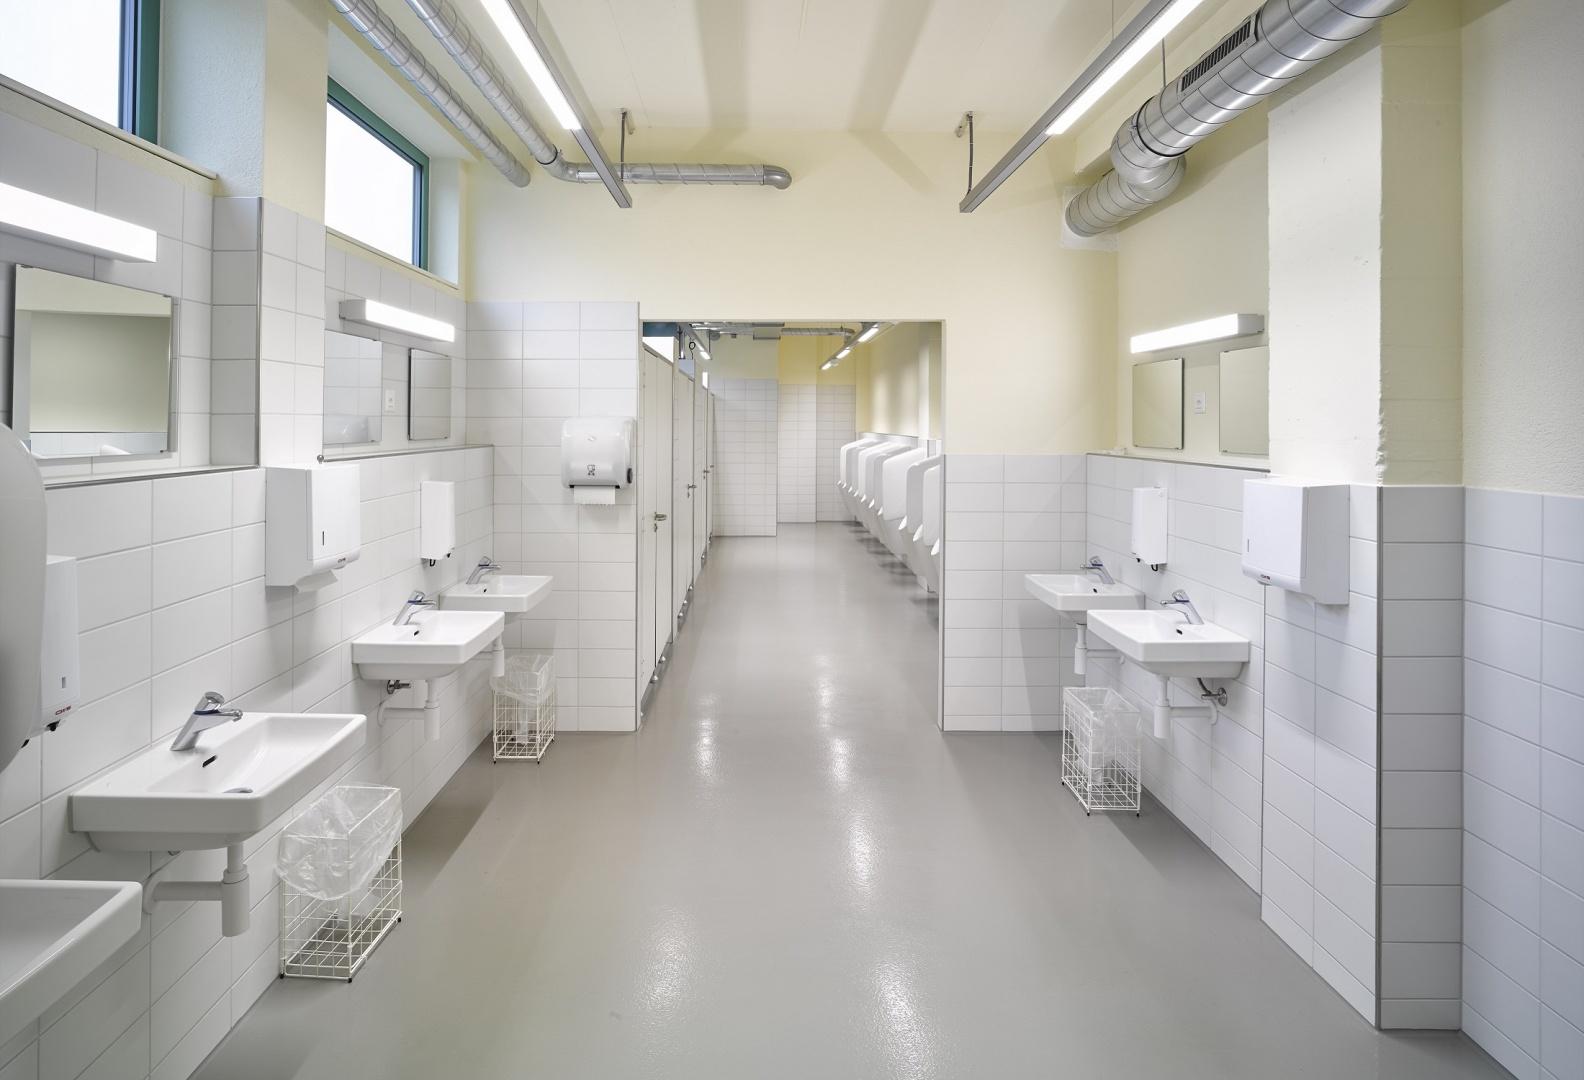 Markthalle, WC-Anlagen © Manuel Stettler, Fotograf, Burgdorf